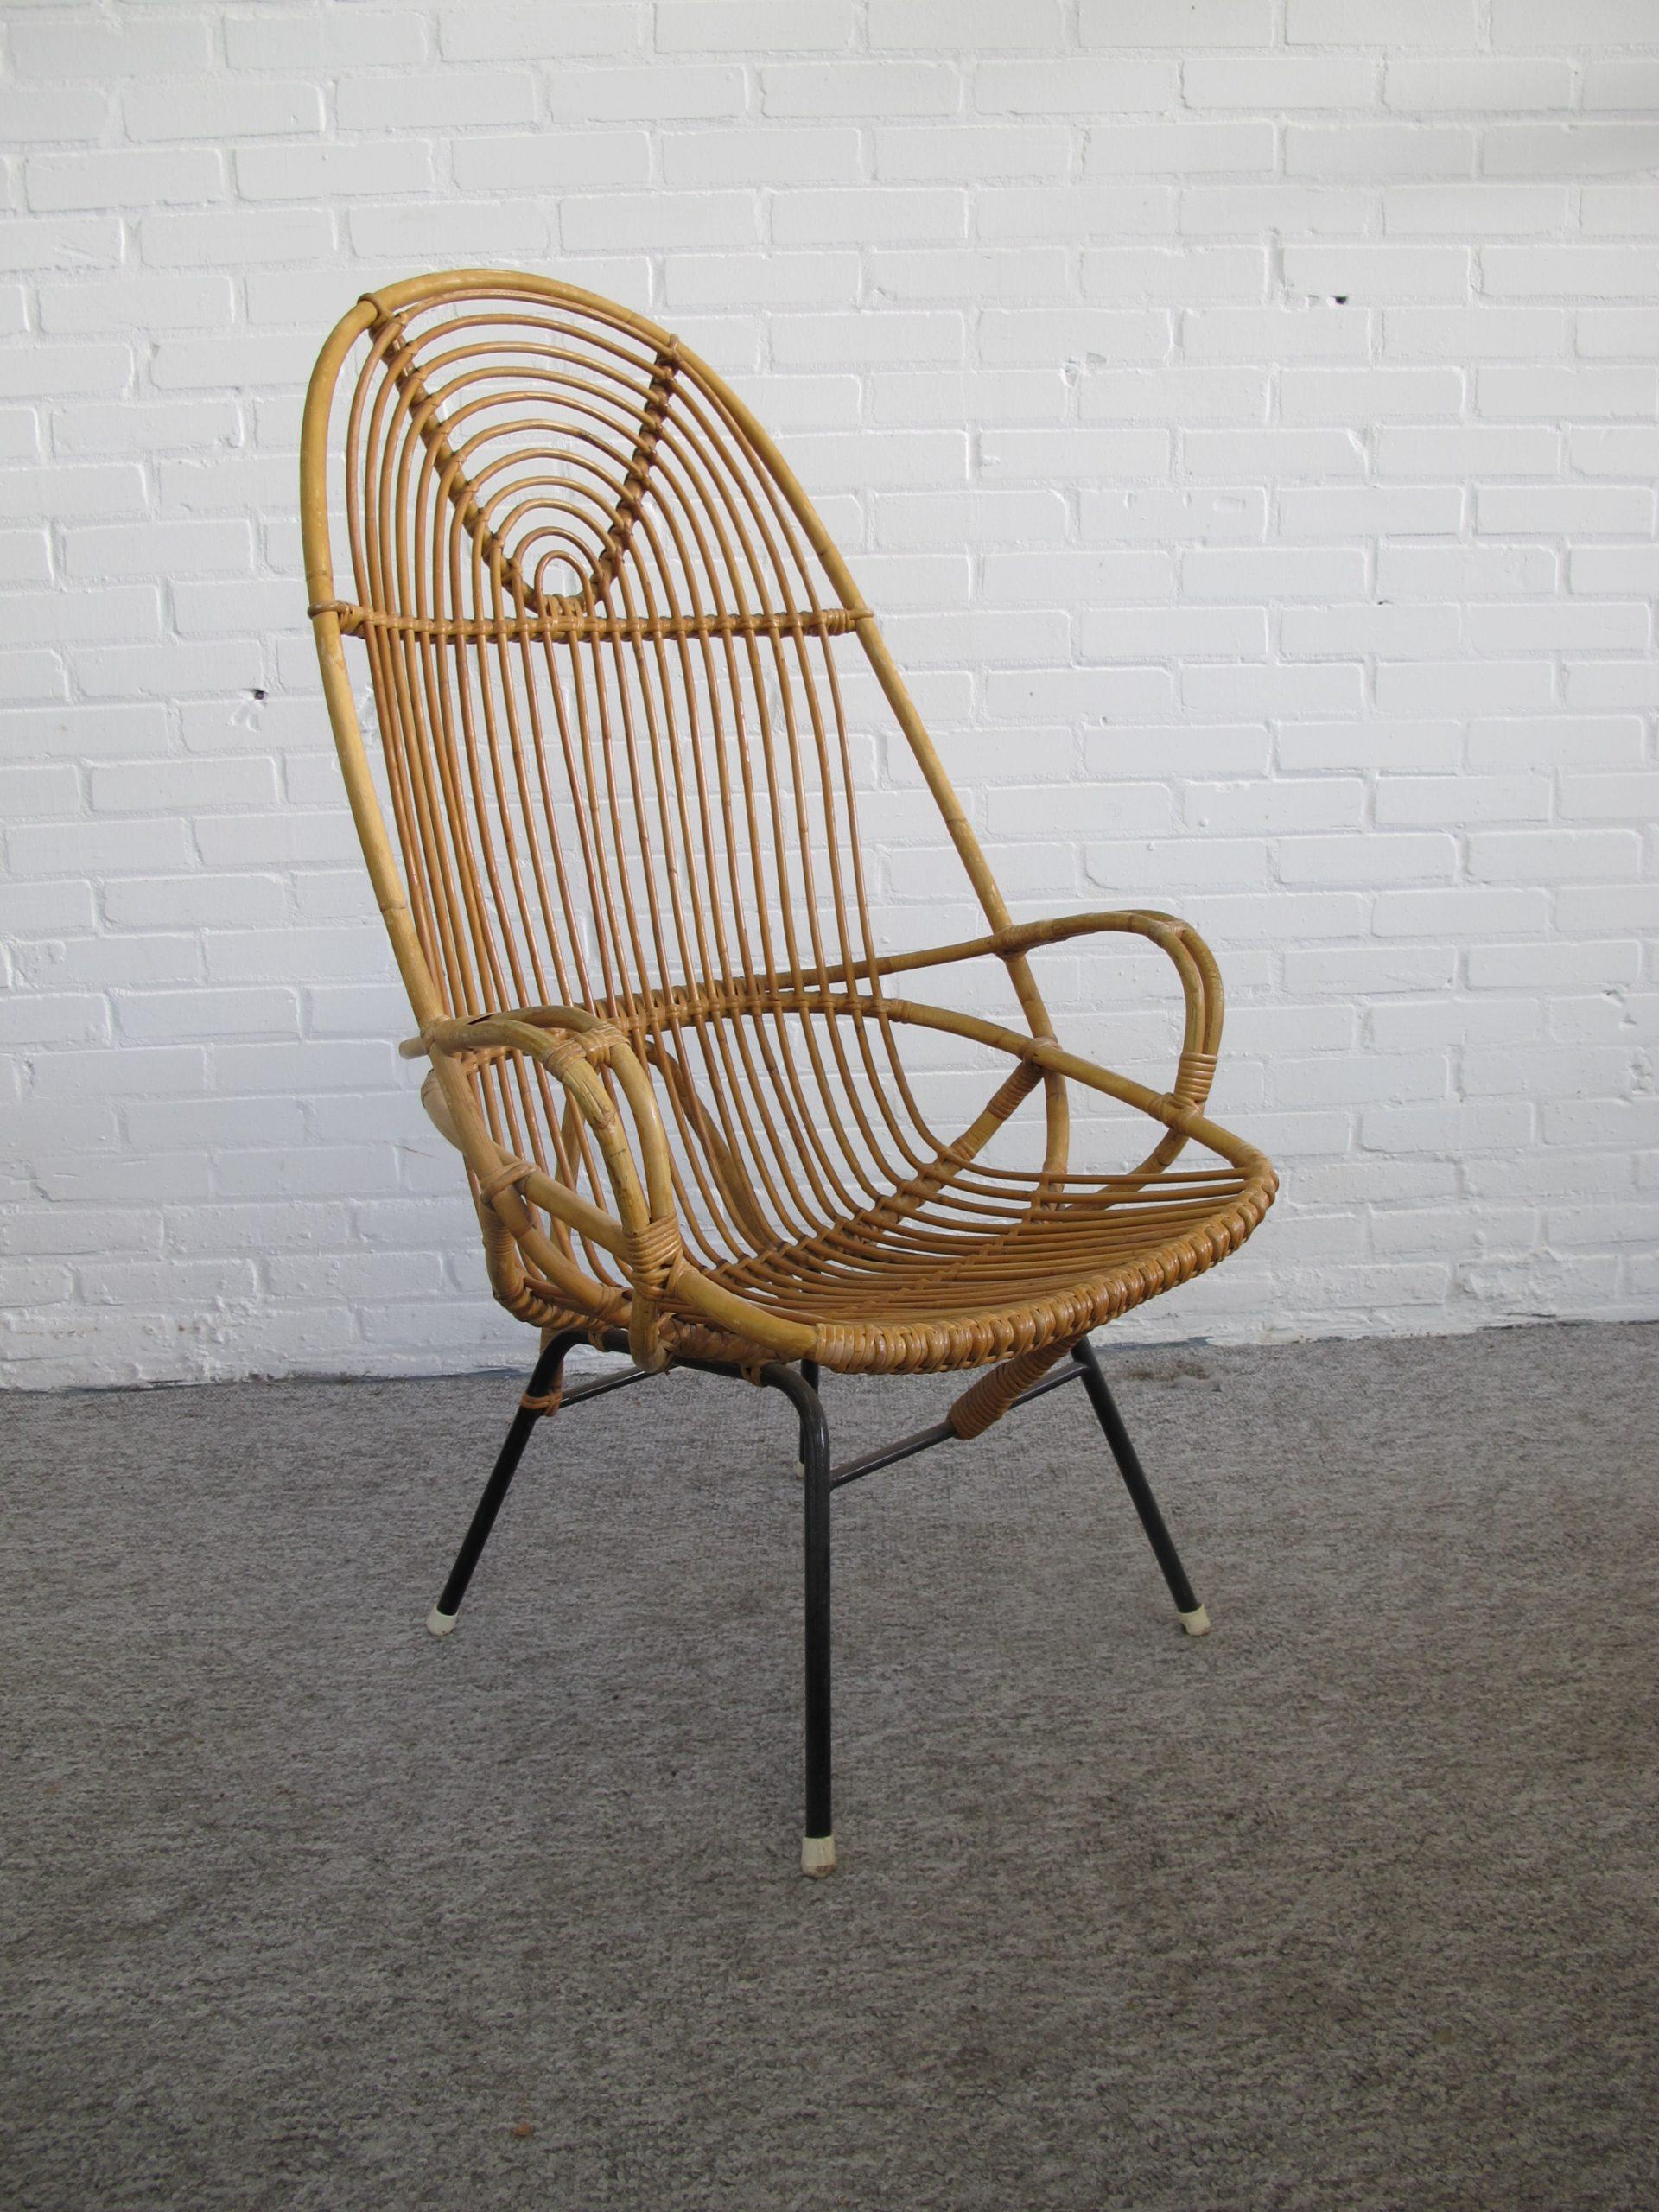 Fauteuil rattan armchair Dirk van Sliedrecht Rohe Noordwolde vintage midcentury